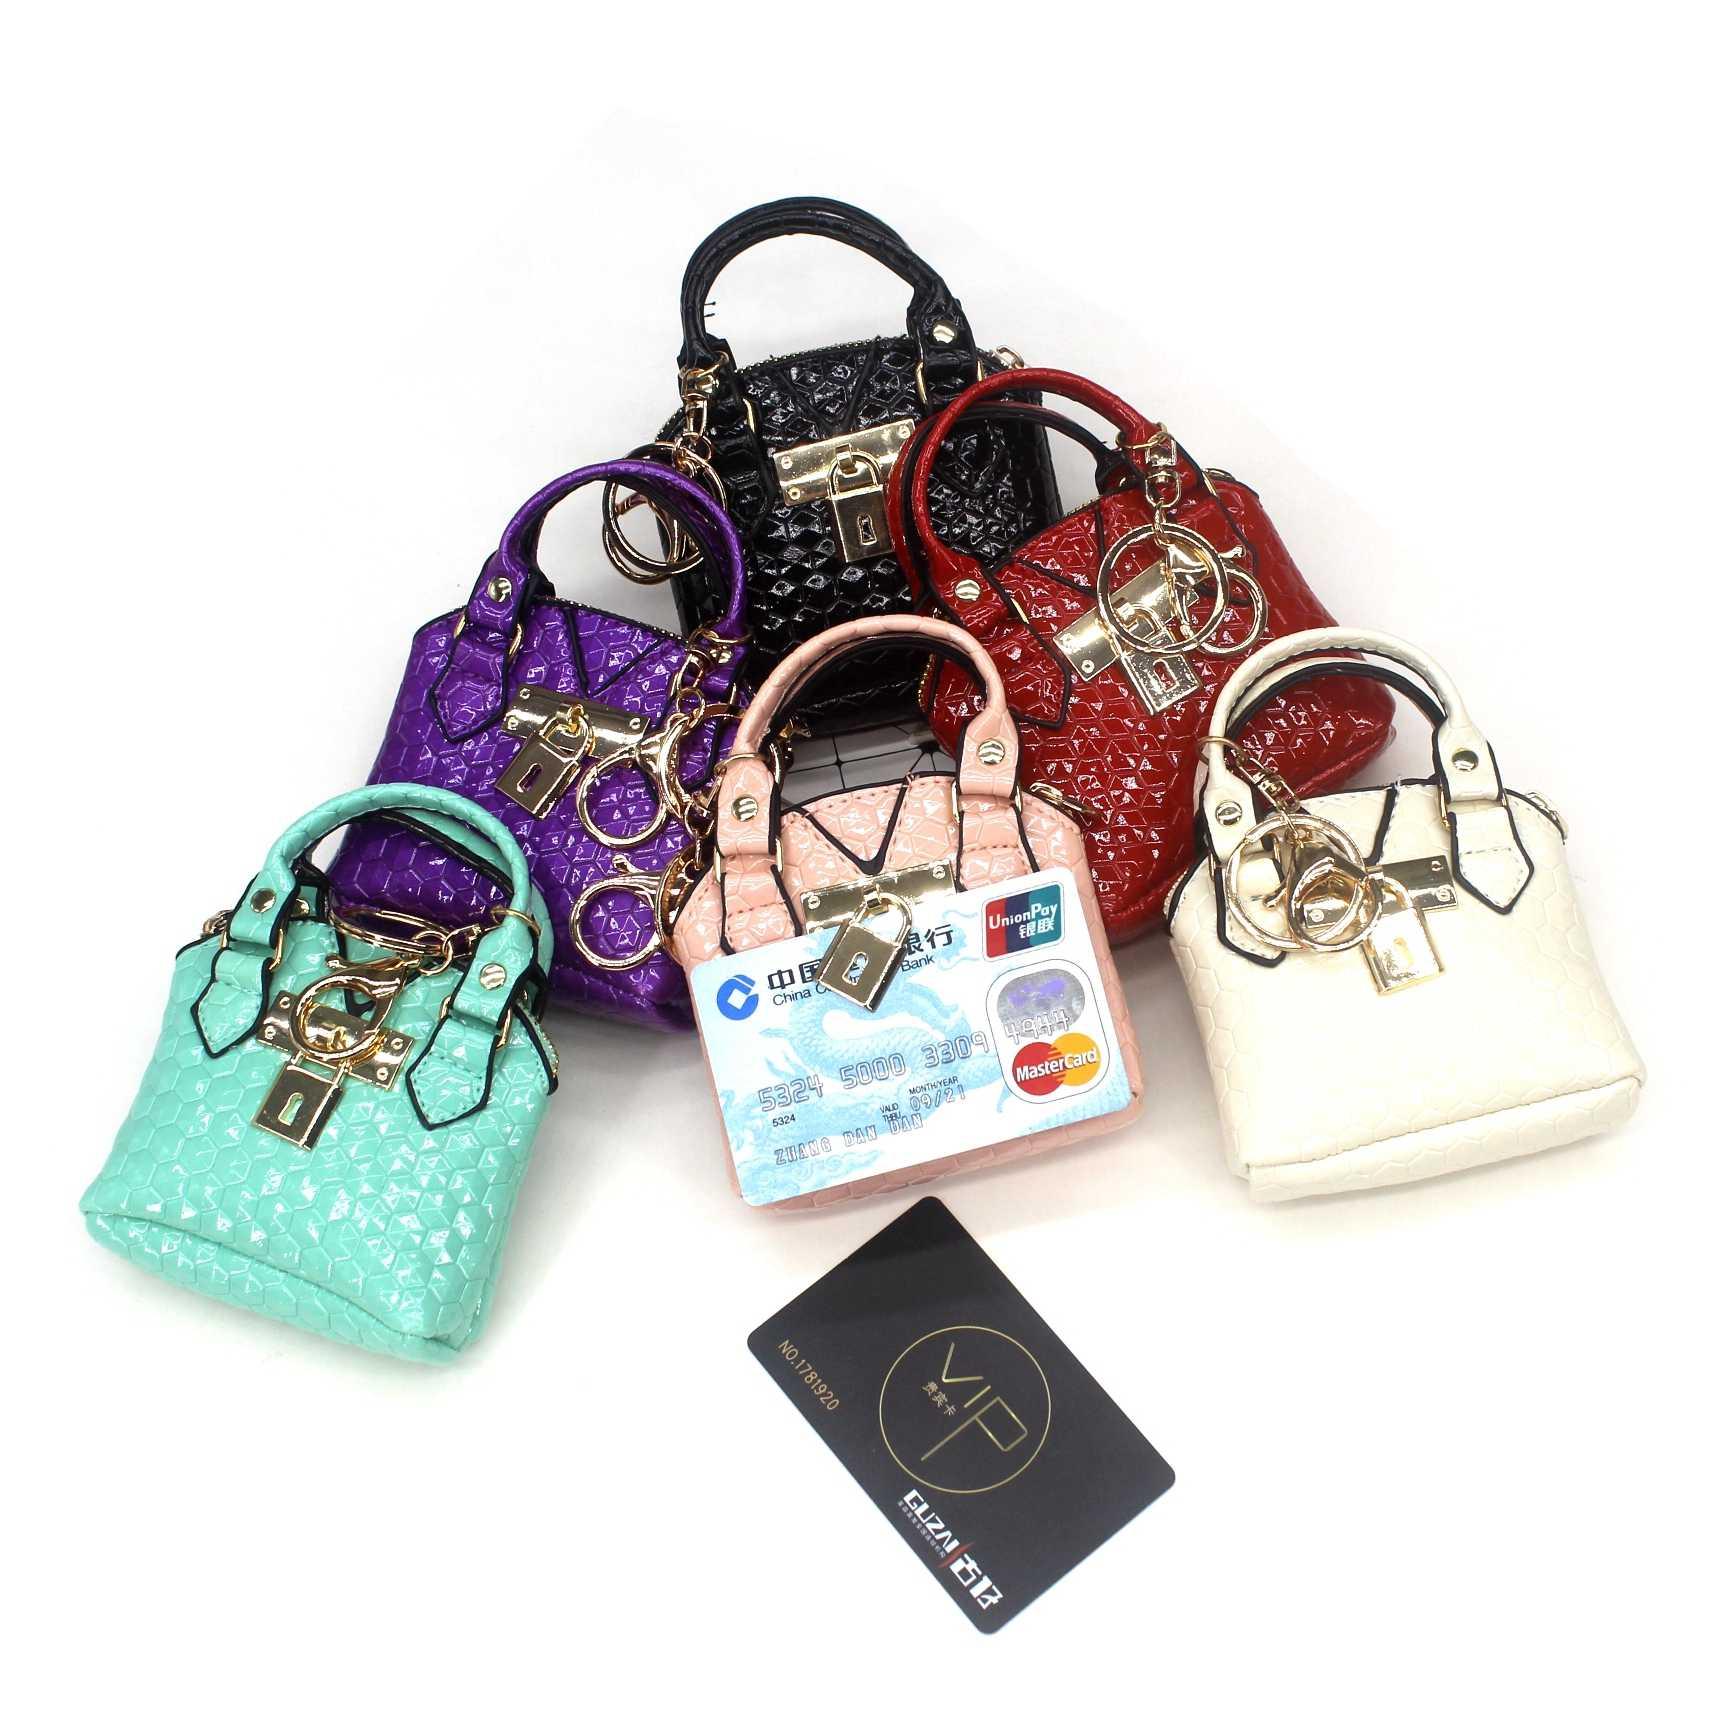 Bolsa de moedas moda bolsa de moedas modelo de bolsa de moeda feminina carteira de moeda bolsa de mudança senhoras titular do cartão chave do sexo feminino dinheiro mini bolsas bolsa